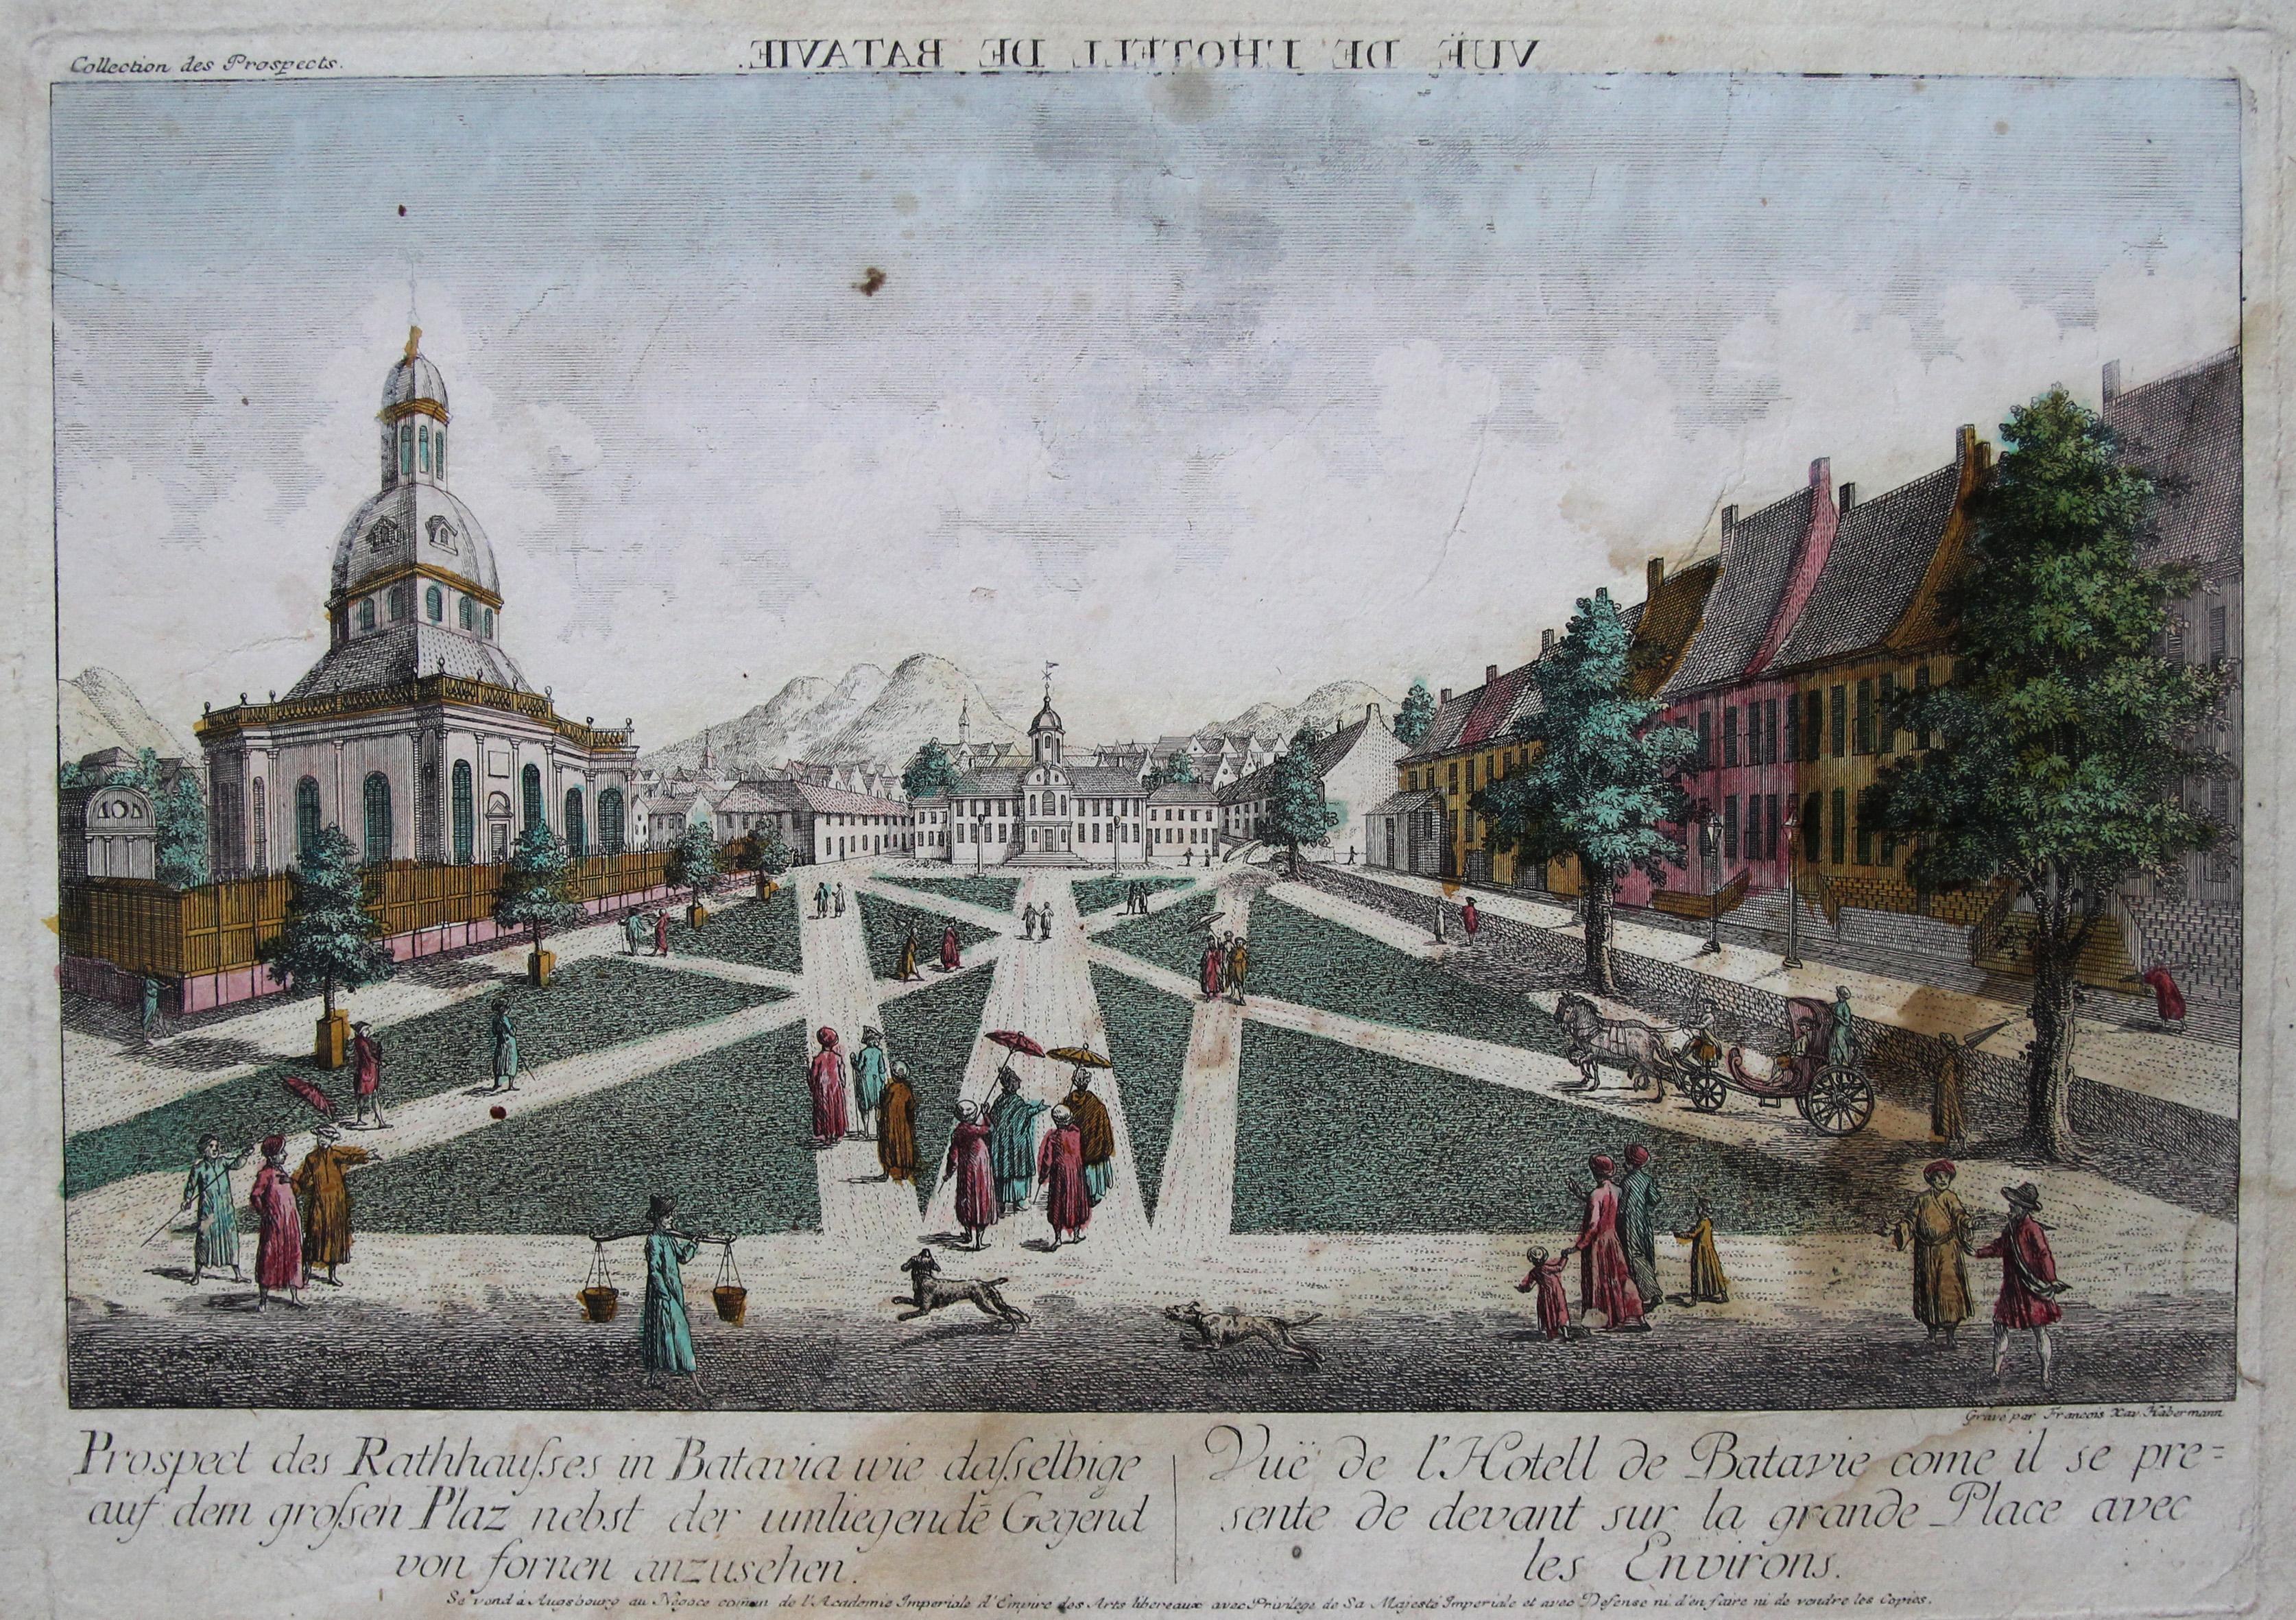 """TA., Rathaus, """"Prospect des Rathhausses in Batavia: Indonesien ( Indonesia"""